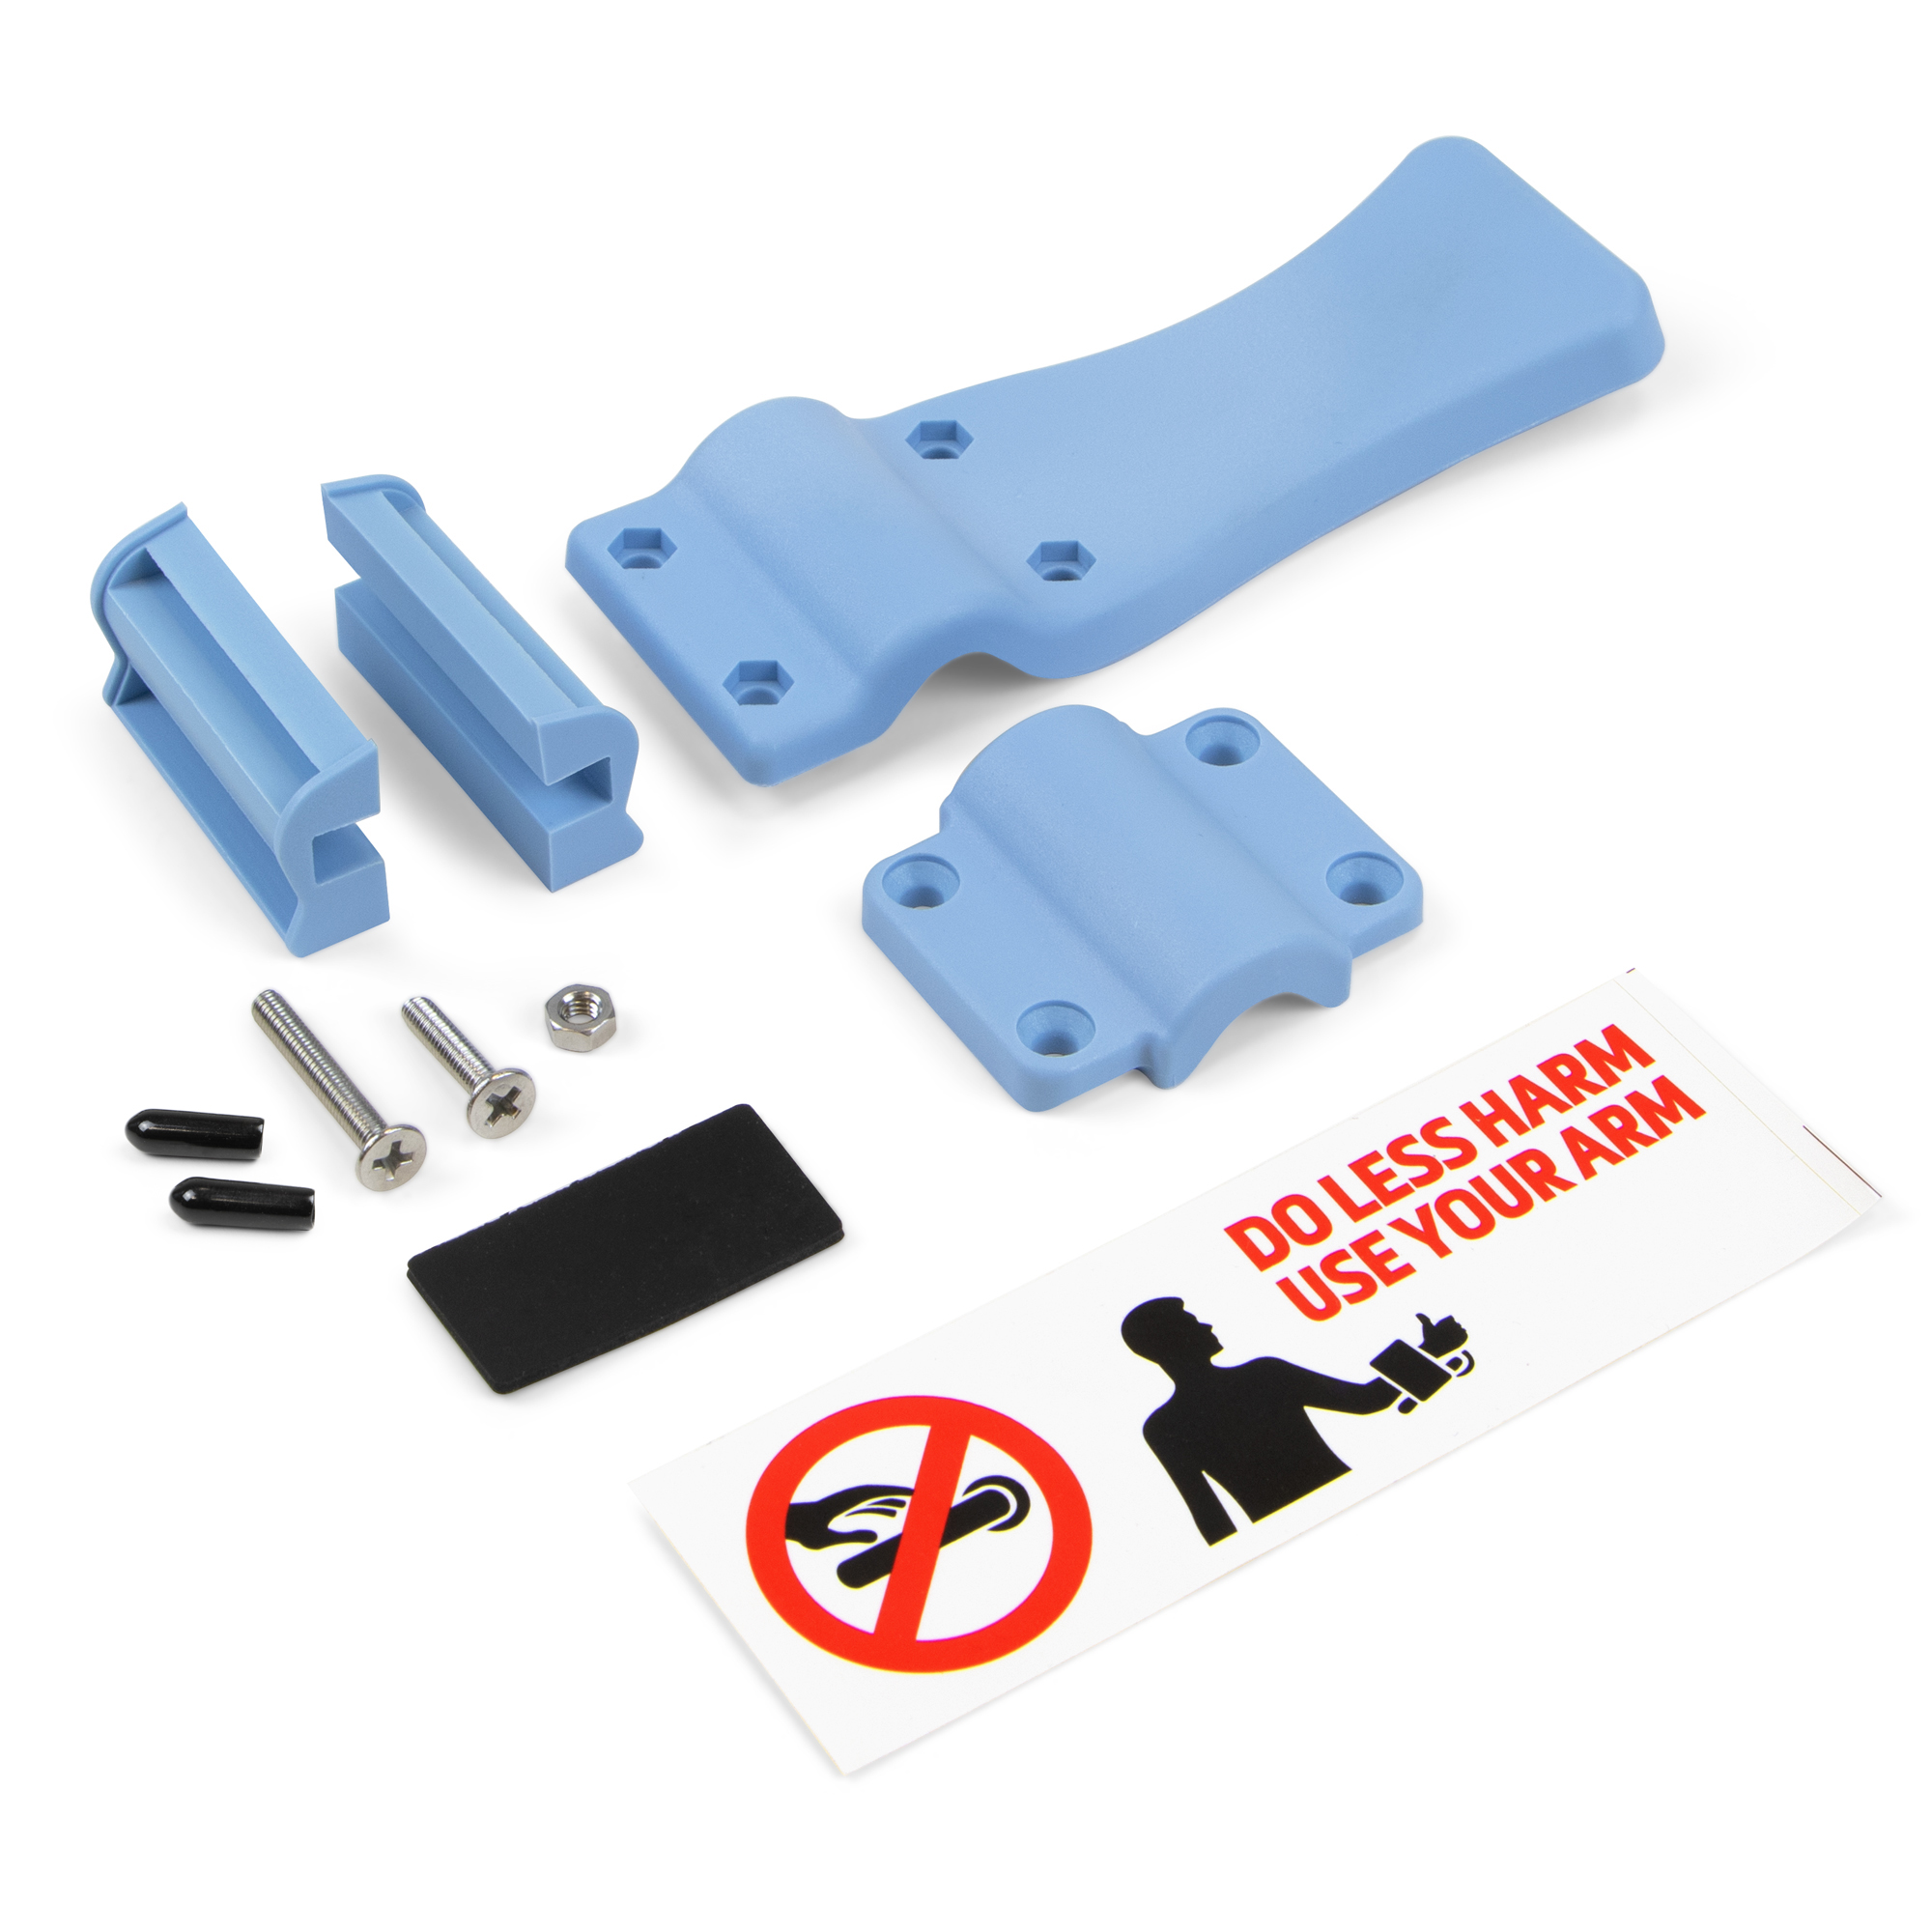 Emuca Meccanismo apriporta senza contatto per l'avambraccio, plastica, blu.